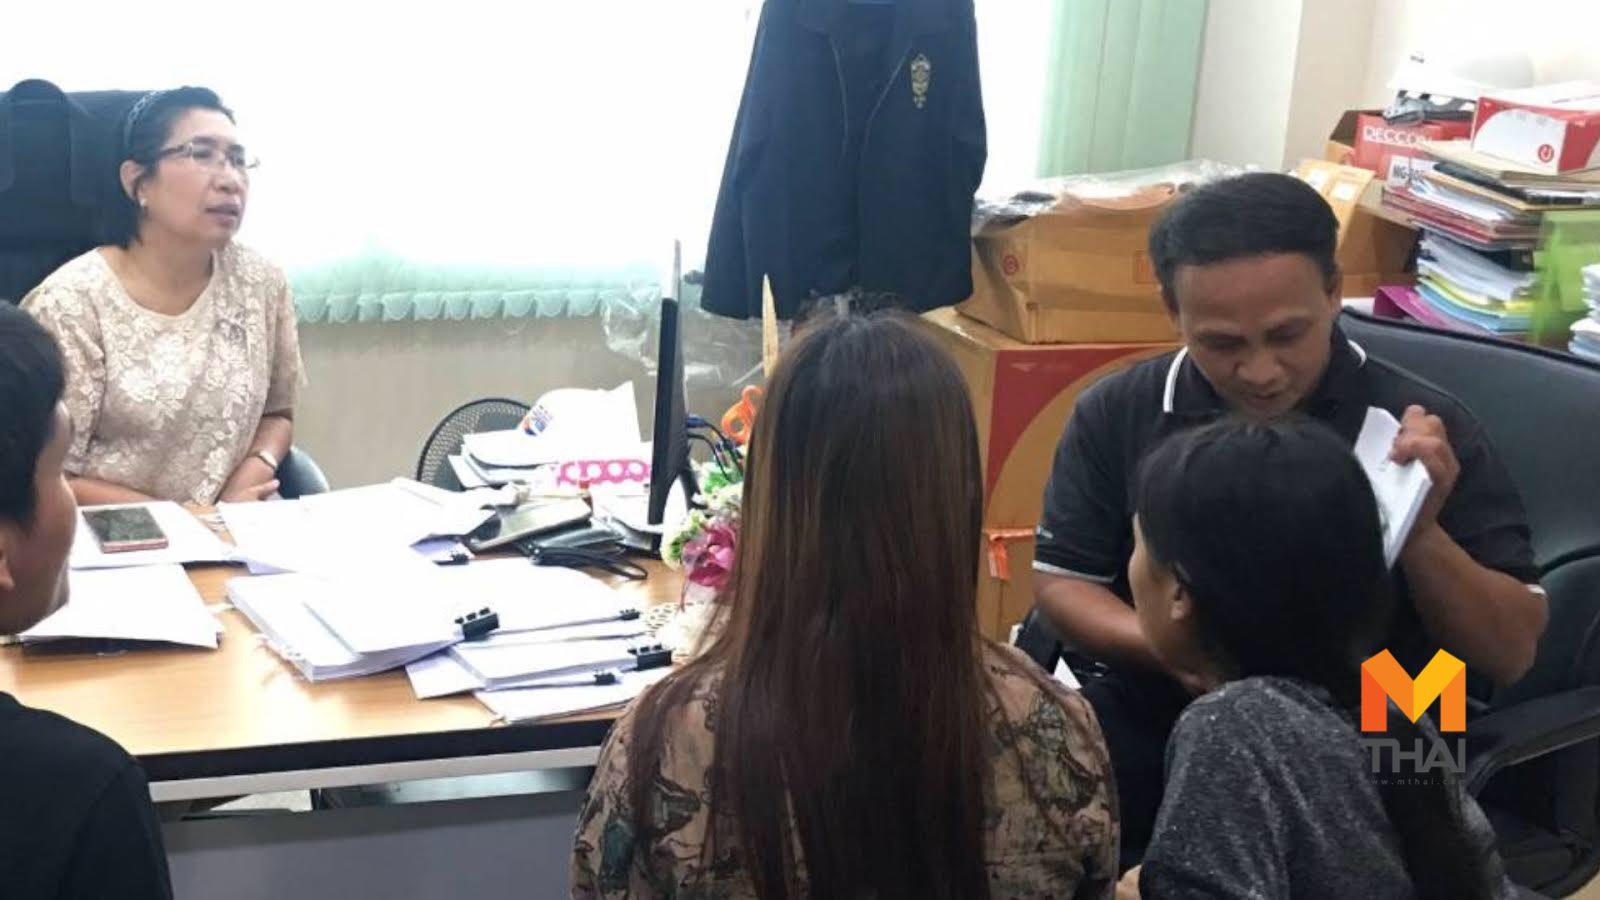 ชงด่วนพักราชการงดเงินเดือนครูพละฉาวข่มขืนเด็กหญิงม.1